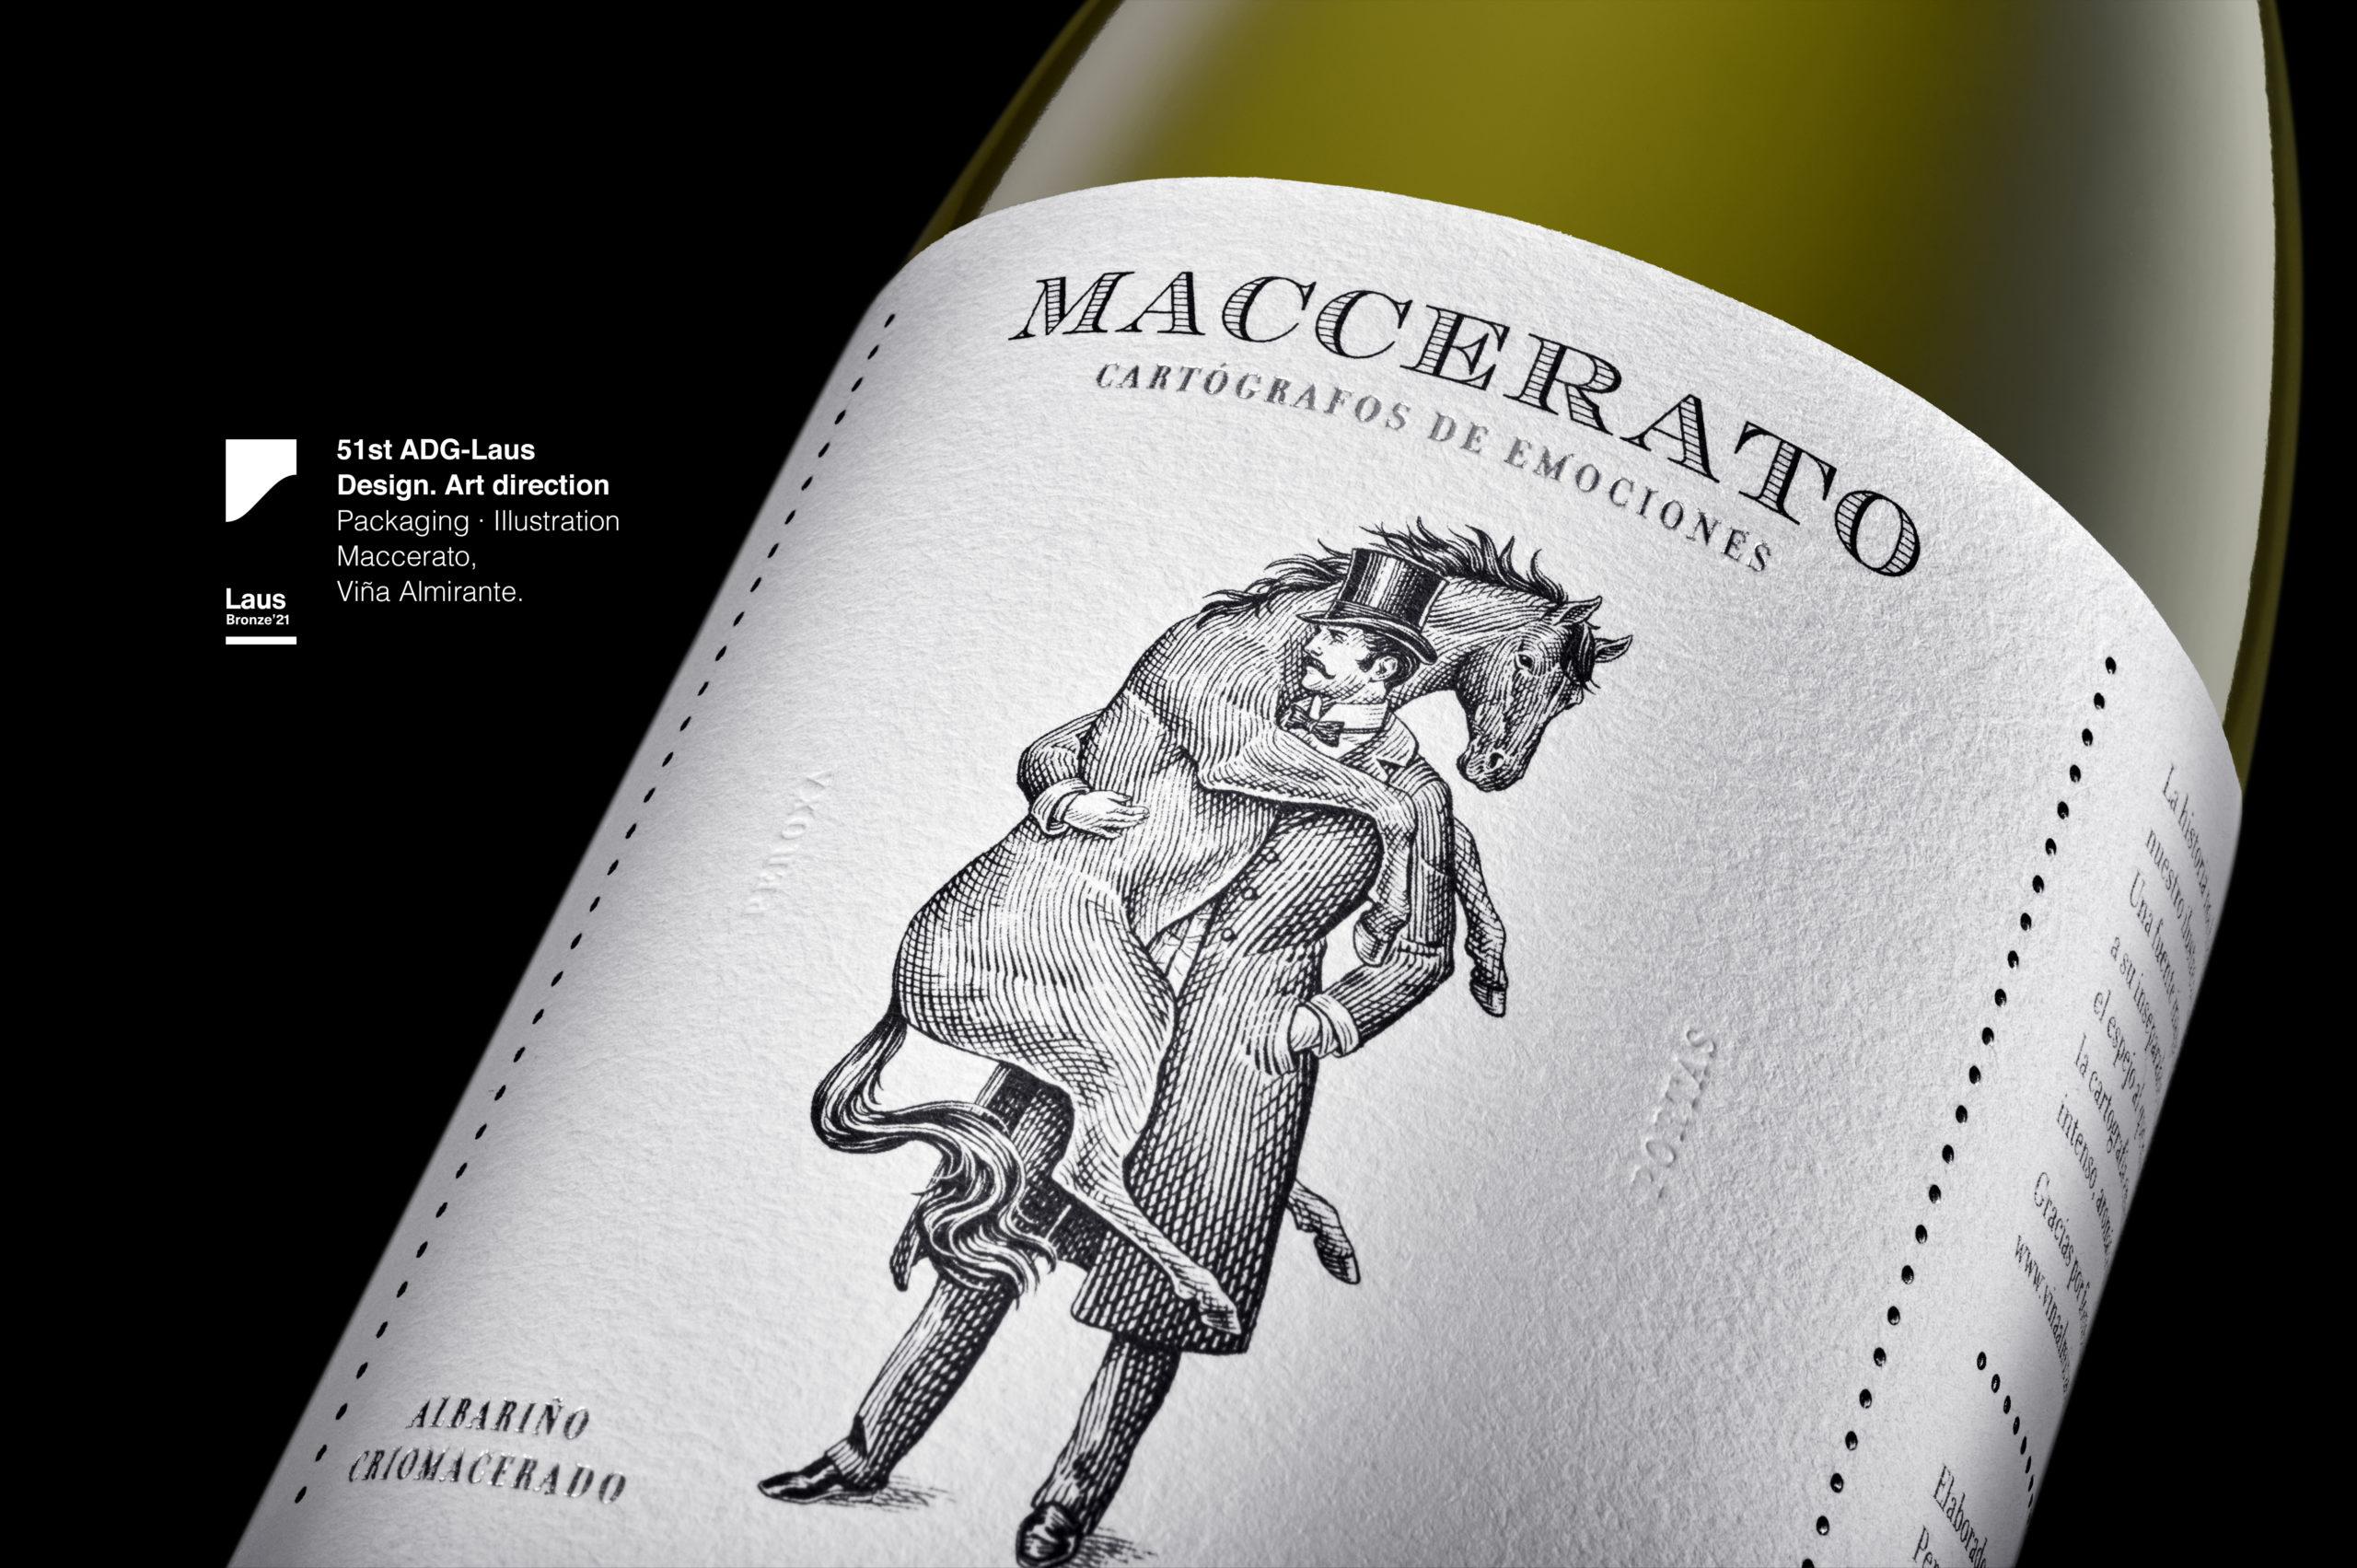 header-web-2021-maccerato-packaging-vina-almirante-rias-baixas-albarino-roberto-nunez-studio-bronze-award-laus-barcelona-2021